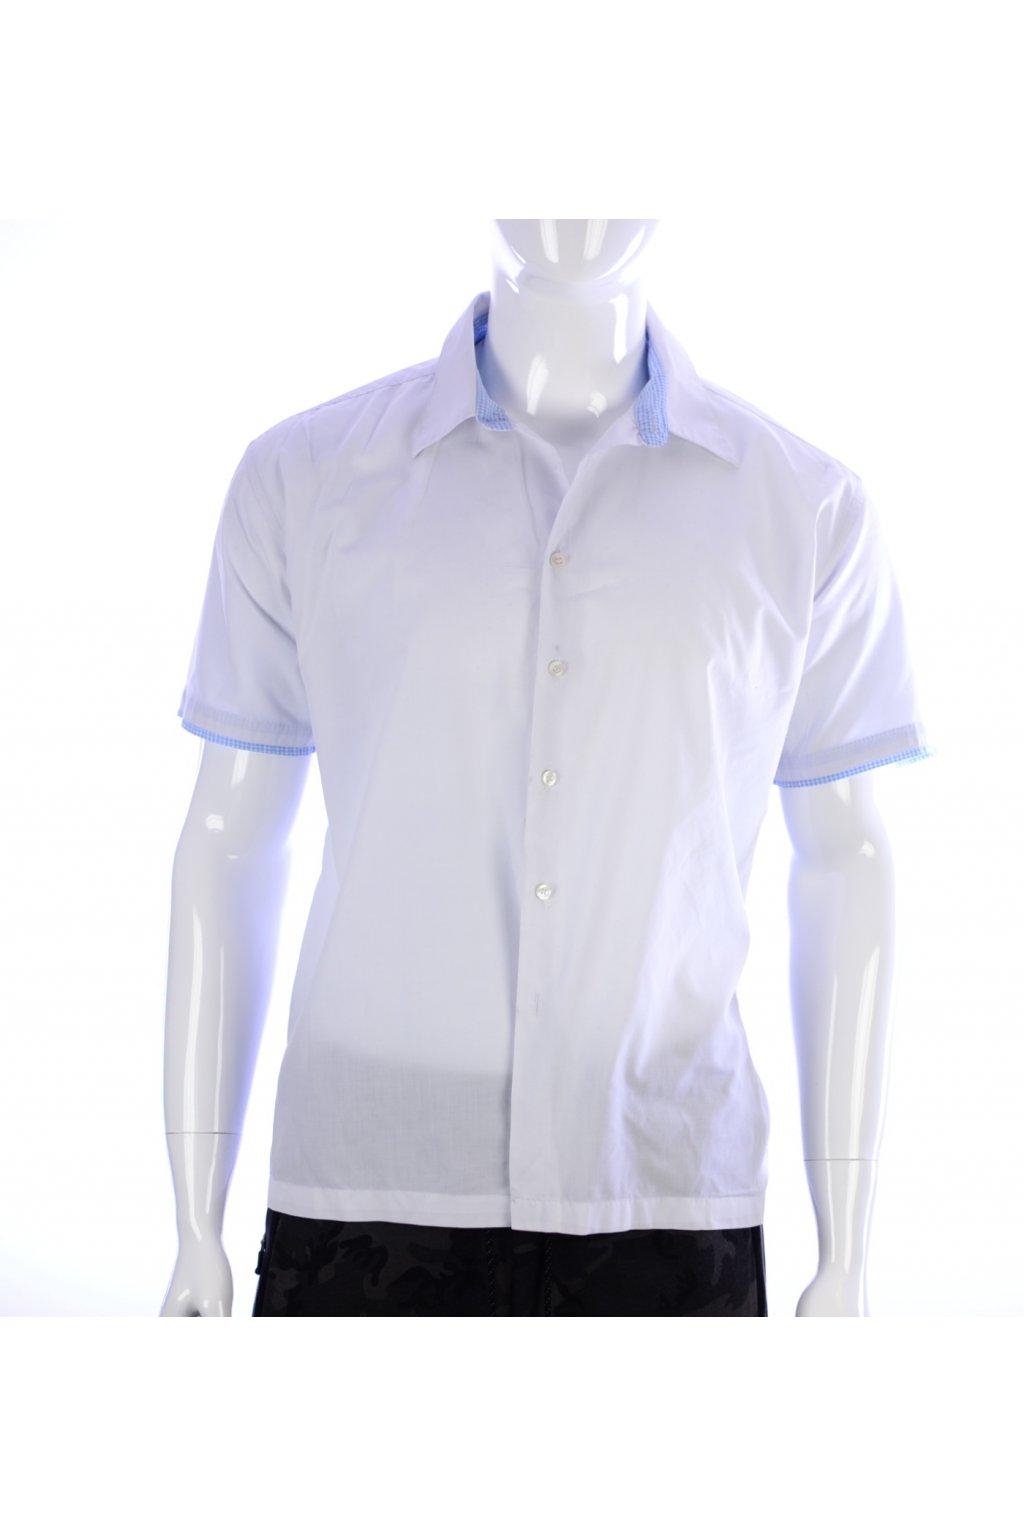 Košile bílá pánská vel. L